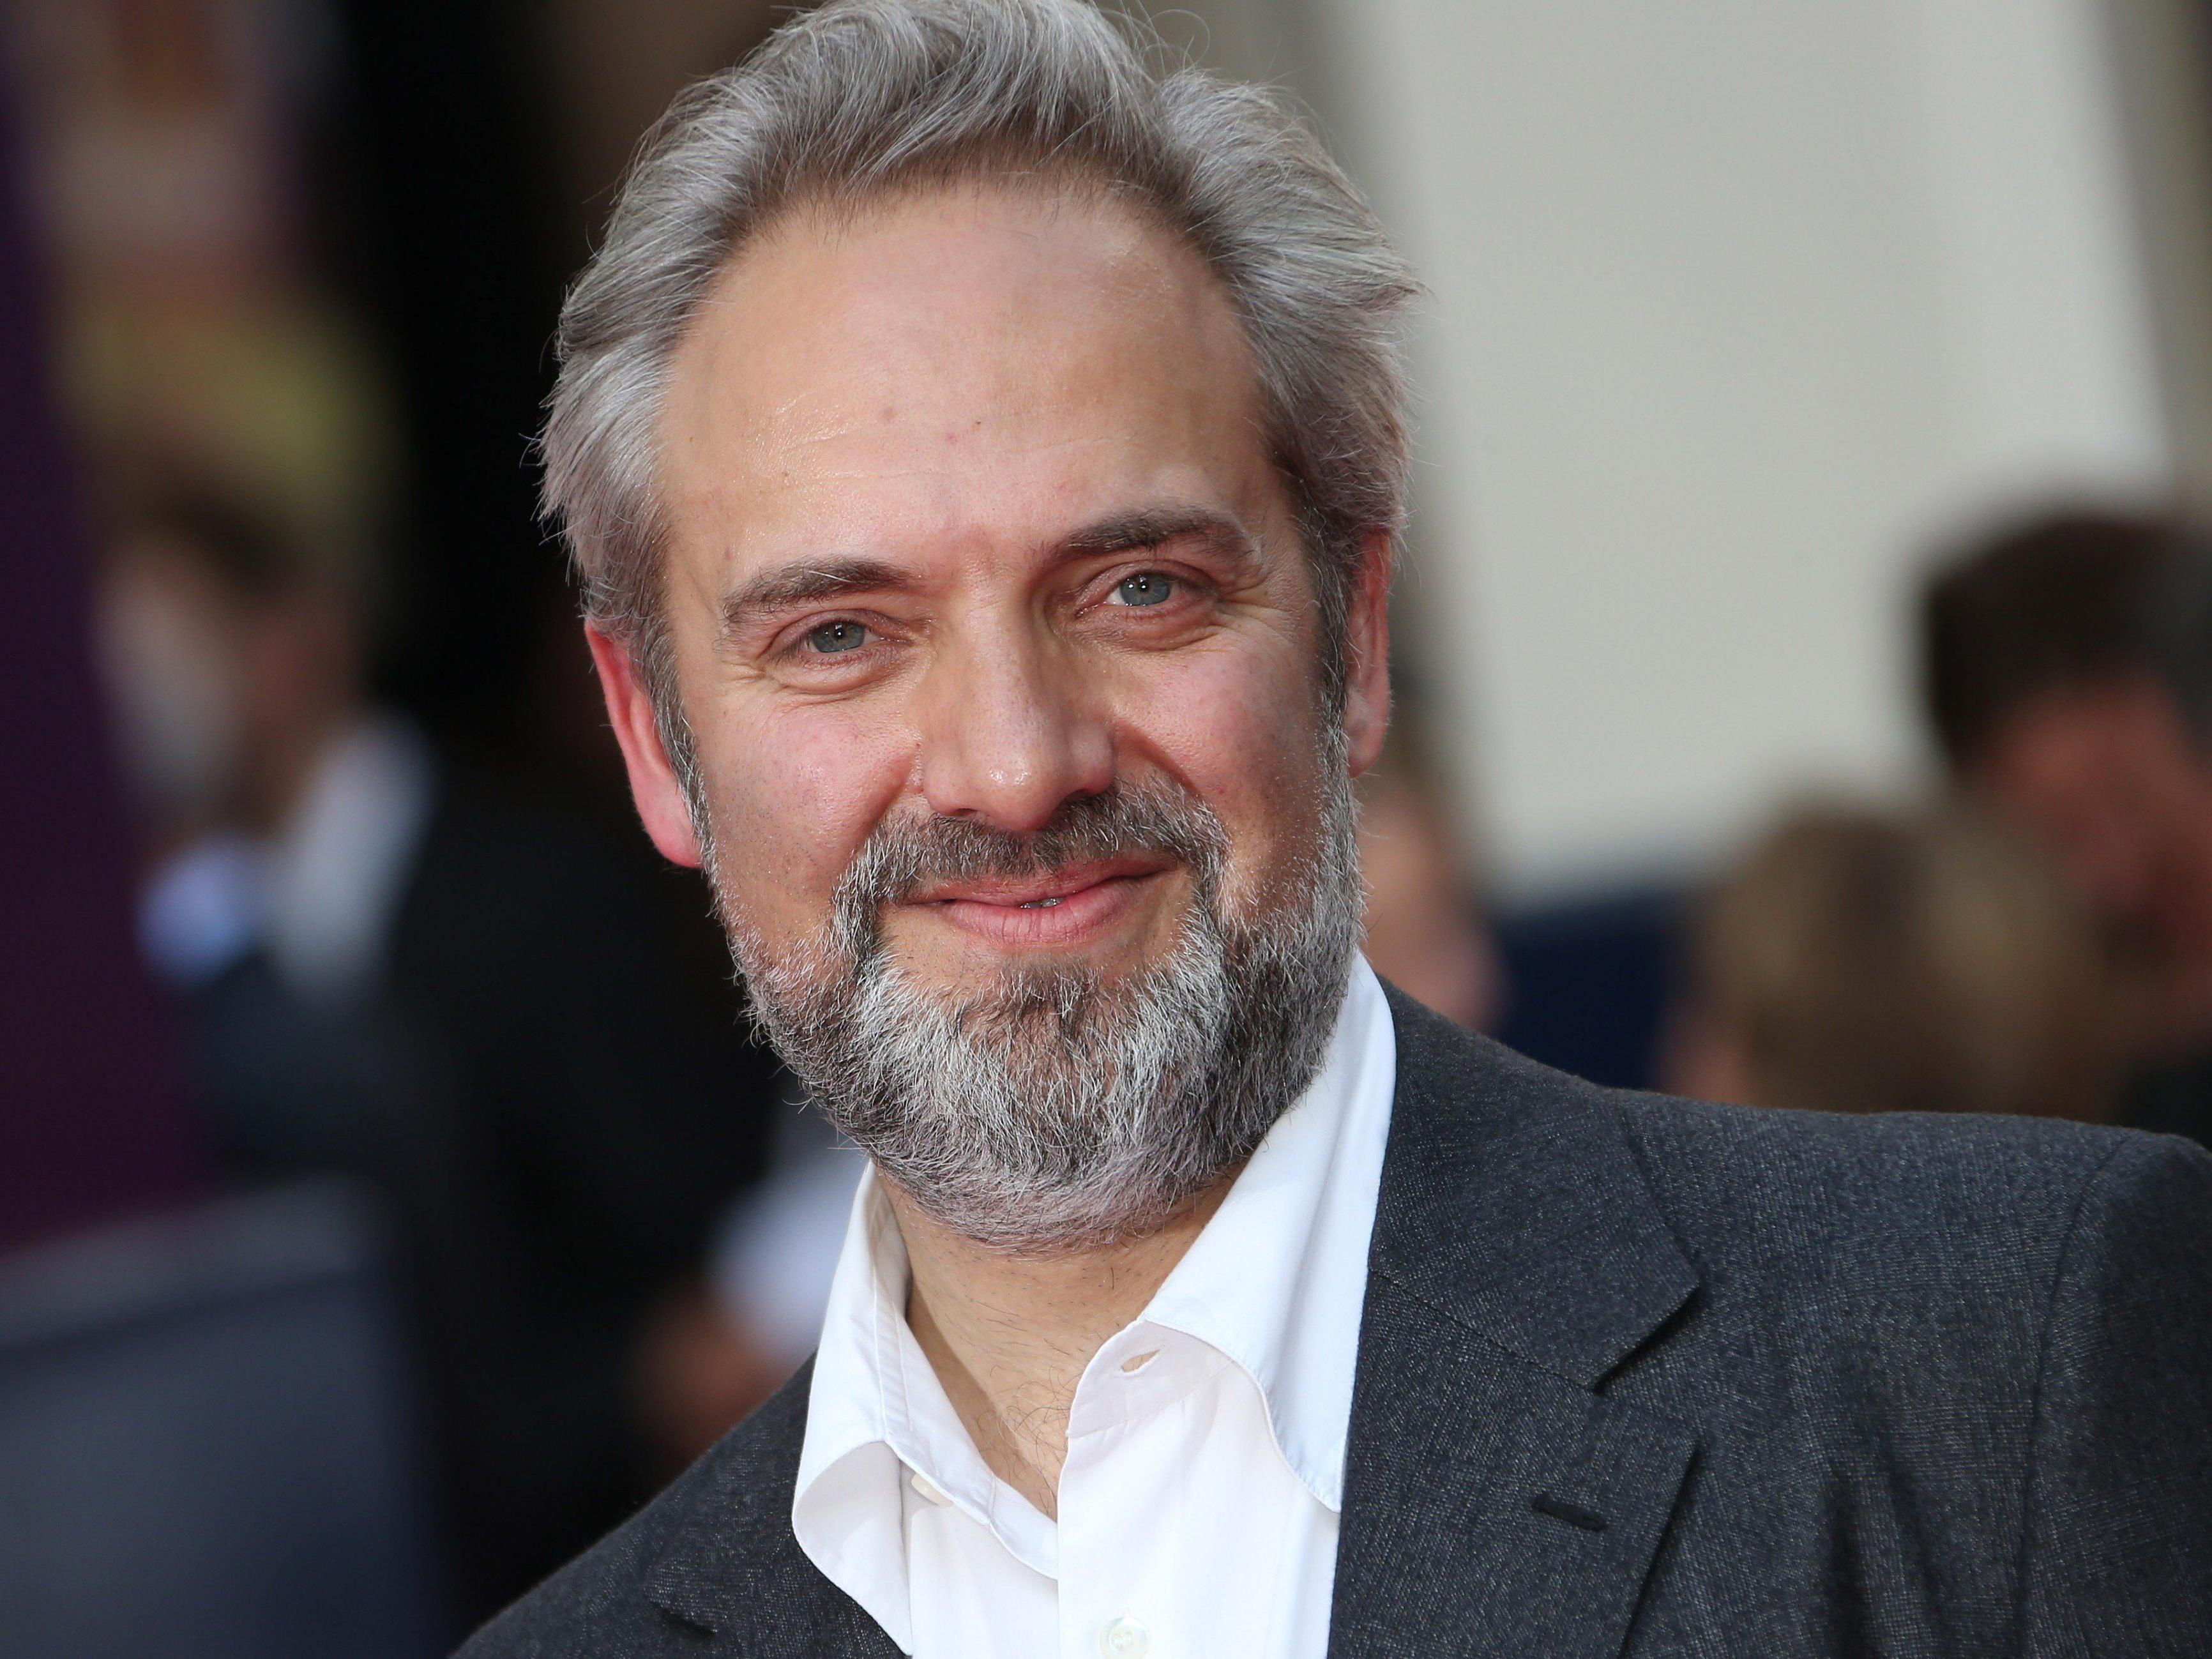 Regisseur Sam Mendes will keine Bond-Filme mehr drehen